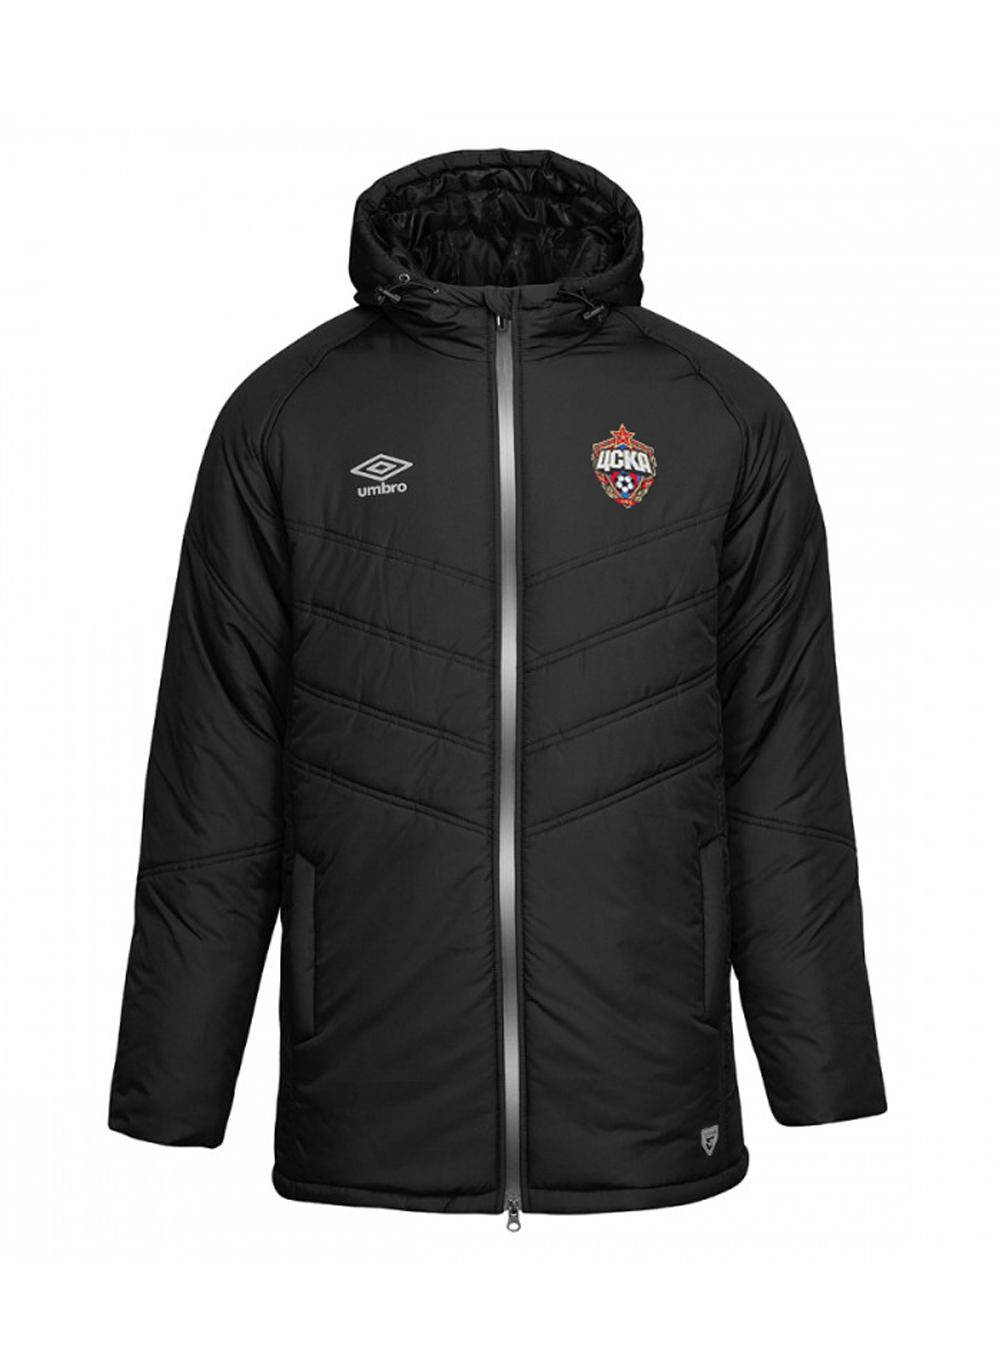 Купить Куртка утепленная черная (XS) по Нижнему Новгороду